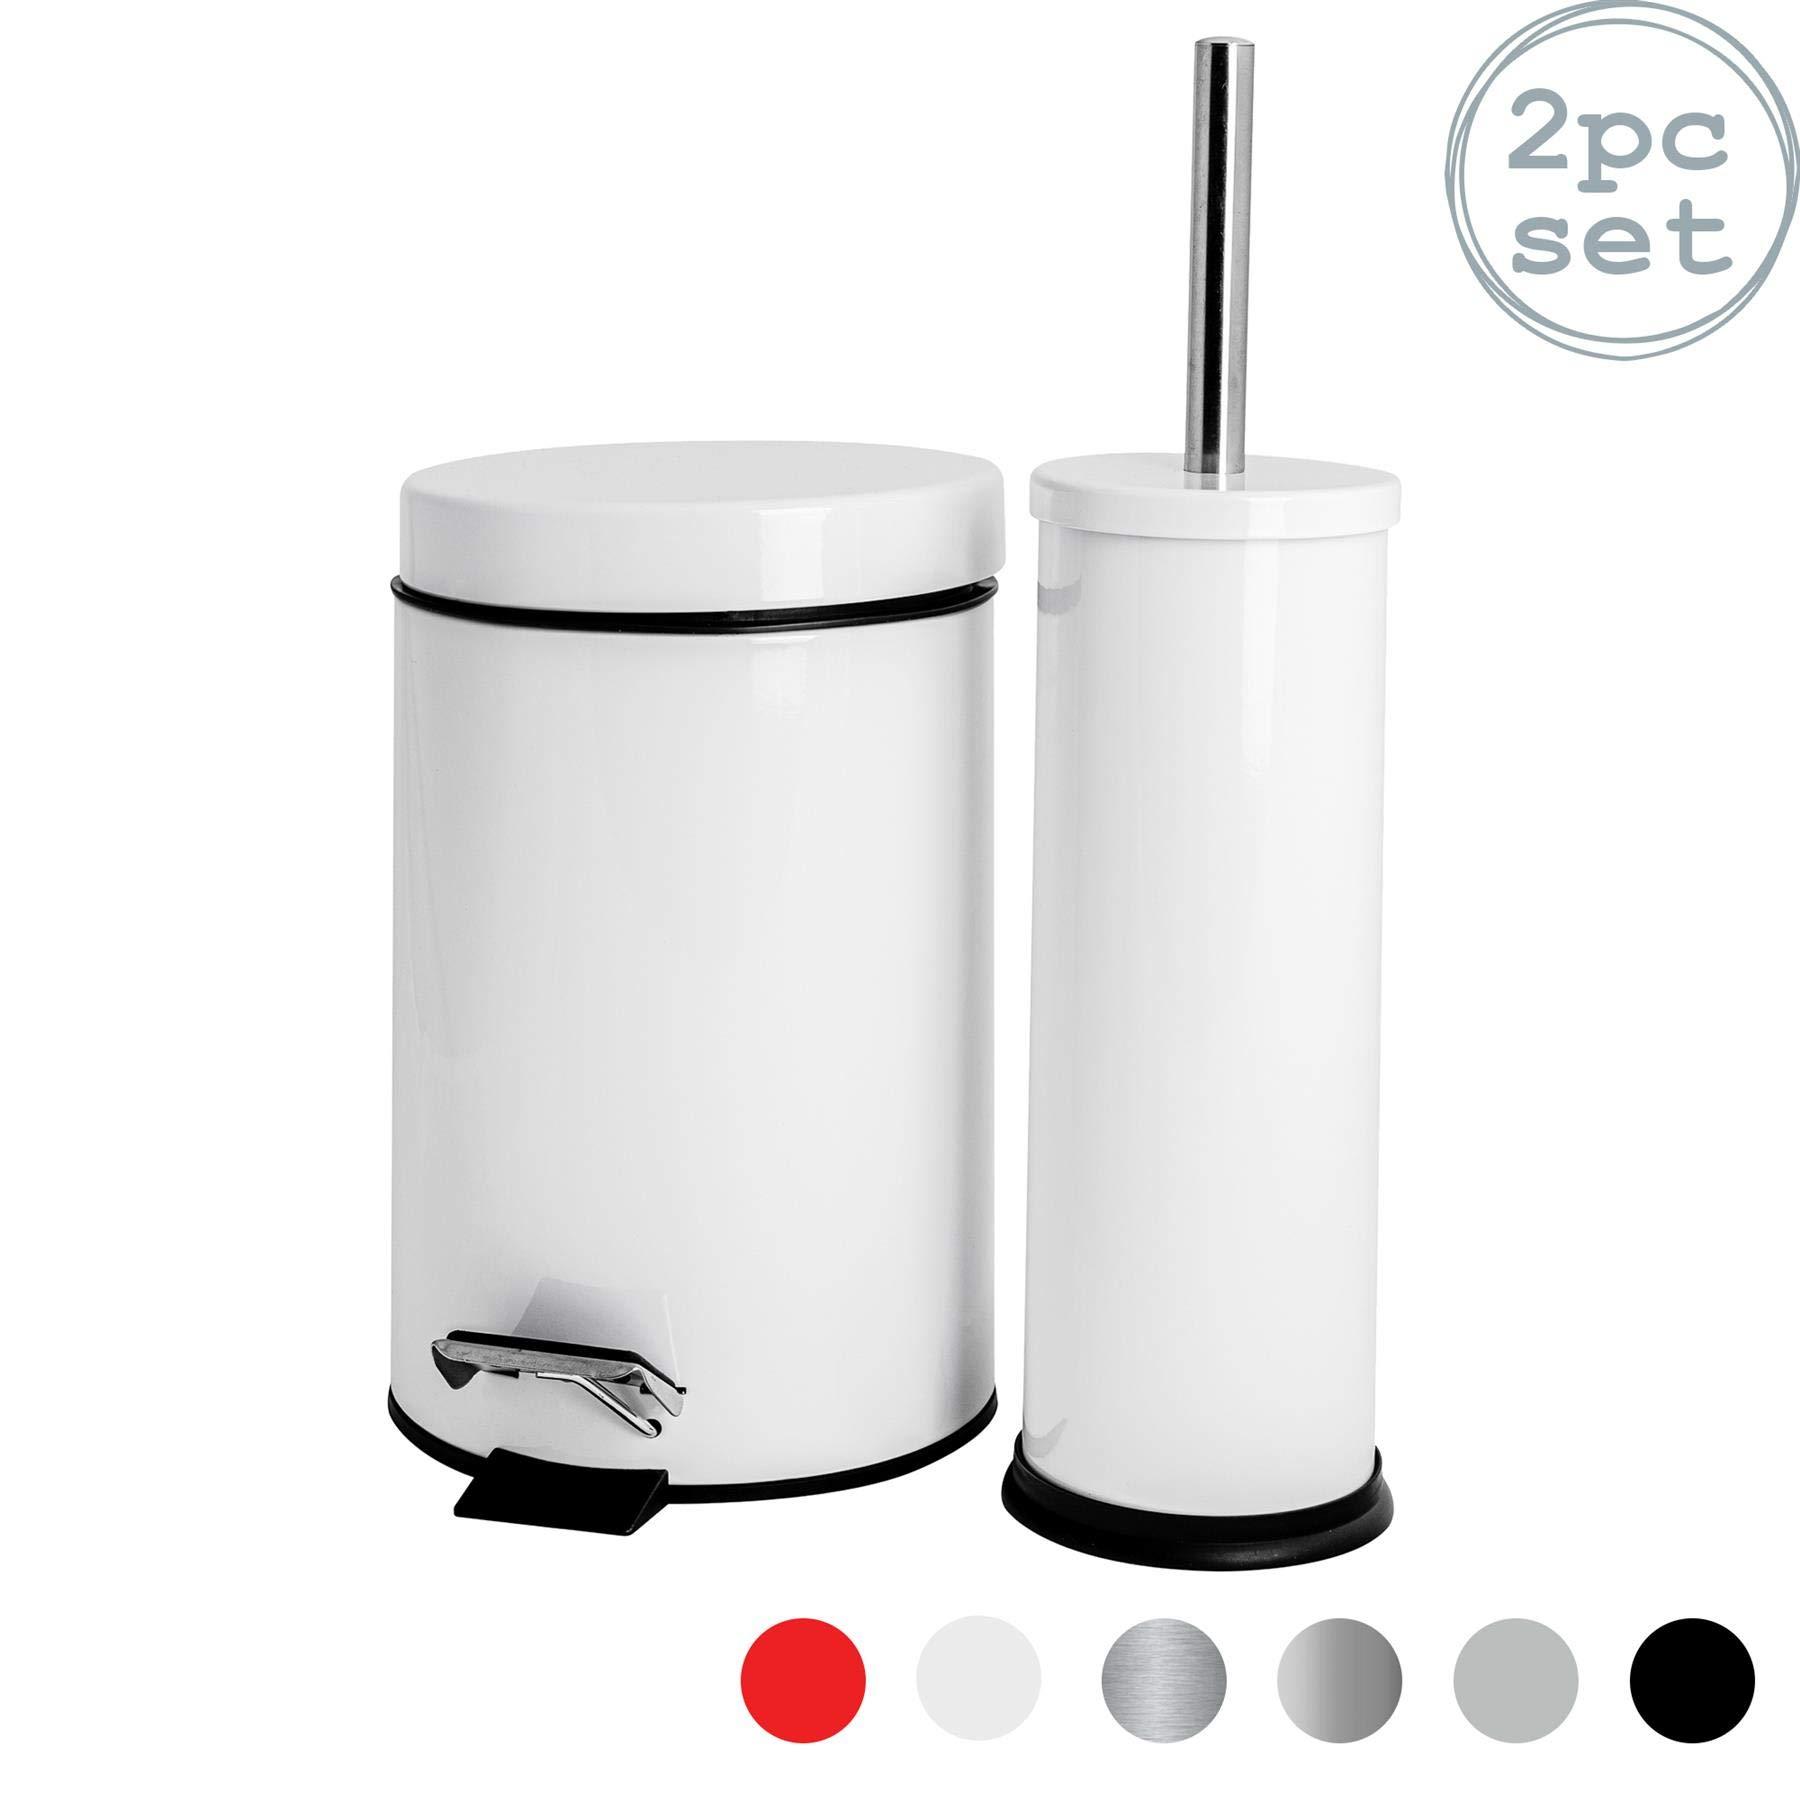 Badezimmer-Set mit Treteimer & Toilettenbürste - Eimer mit 9 Liter Volumen  - Weiß